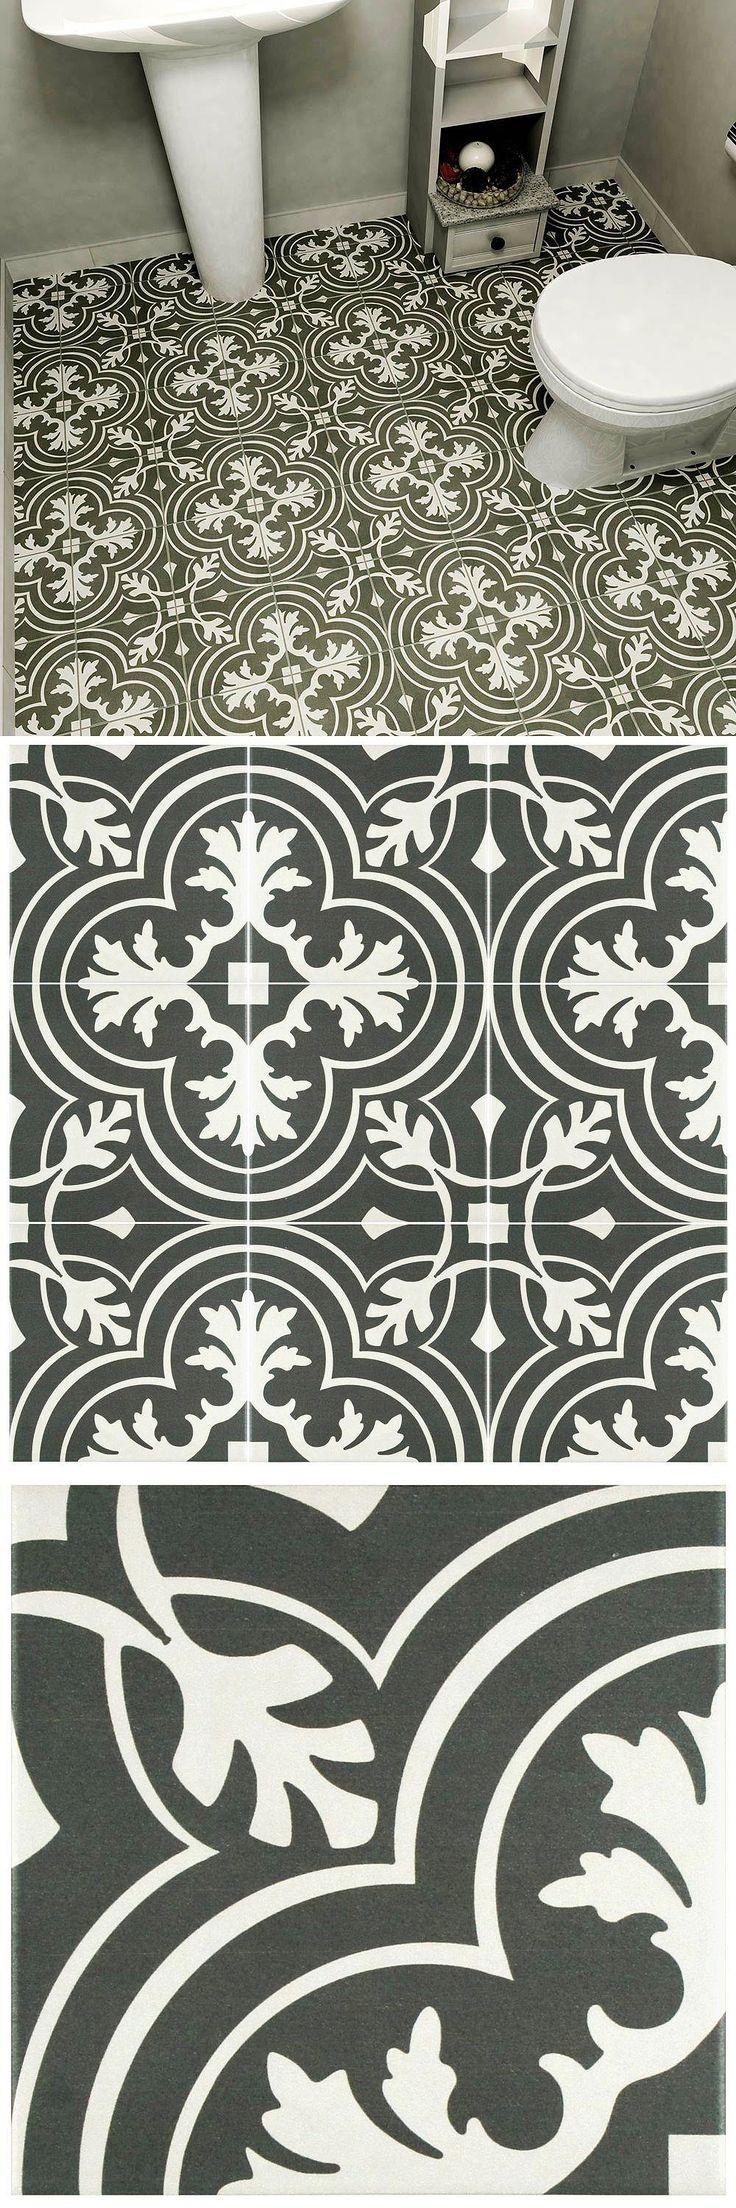 Merola Tile Twenties Classic 7 3 4 In X 7 3 4 In Ceramic